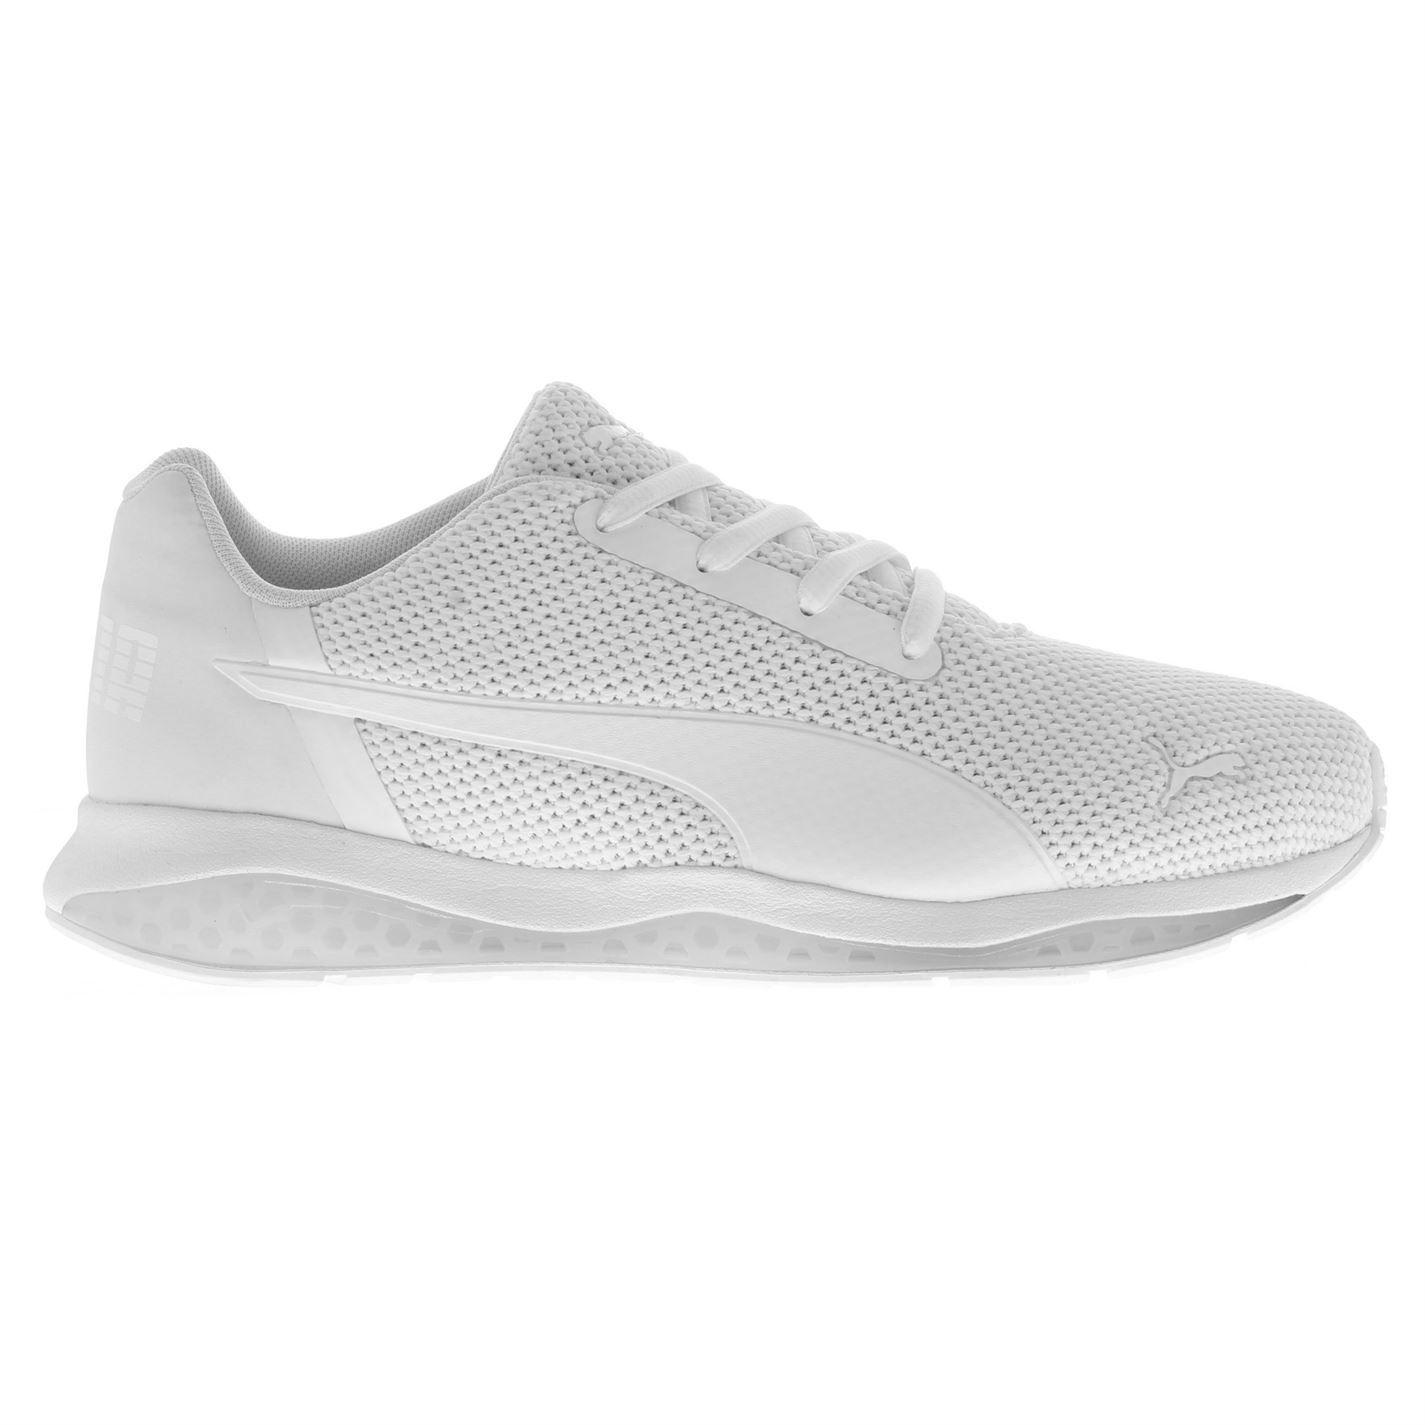 Dettagli su Puma Descendant V1 5 Da Uomo Scarpe Da Corsa Scarpe da ginnastica WhtBlu Sneaker Sportive Calzature mostra il titolo originale